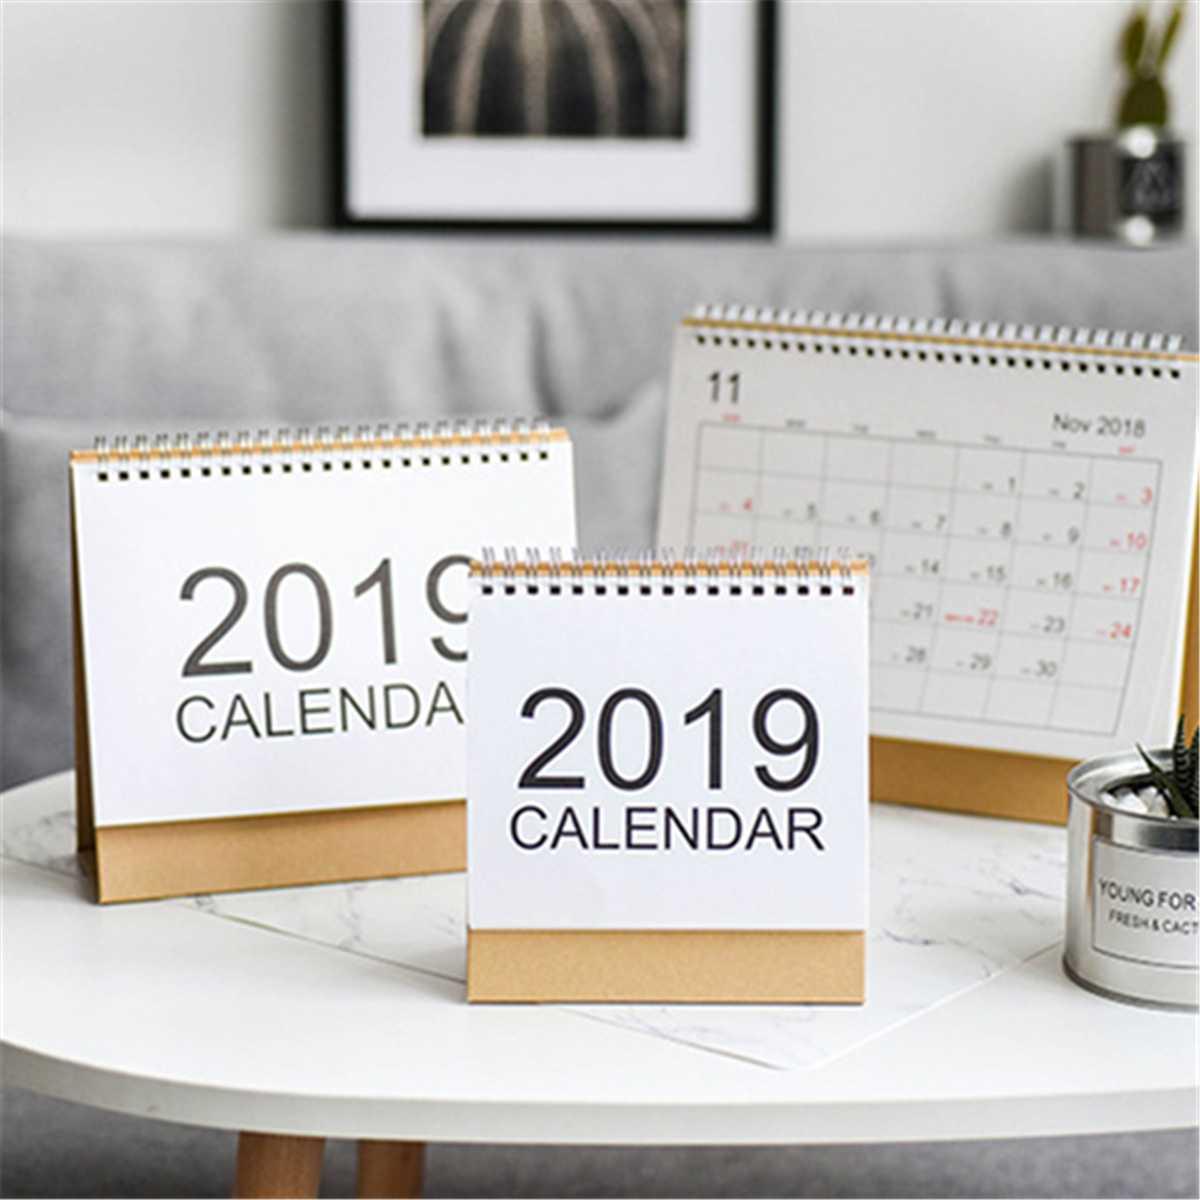 2019 Neuestes Design 2018-2019 Kalender Schreibtisch Desktop Büro Plan Flip Stand Tisch Planer Scheduler Büro Zu Hause Neue Jahr Weihnachten Geschenke S /m/l Größen Billigverkauf 50% Office & School Supplies